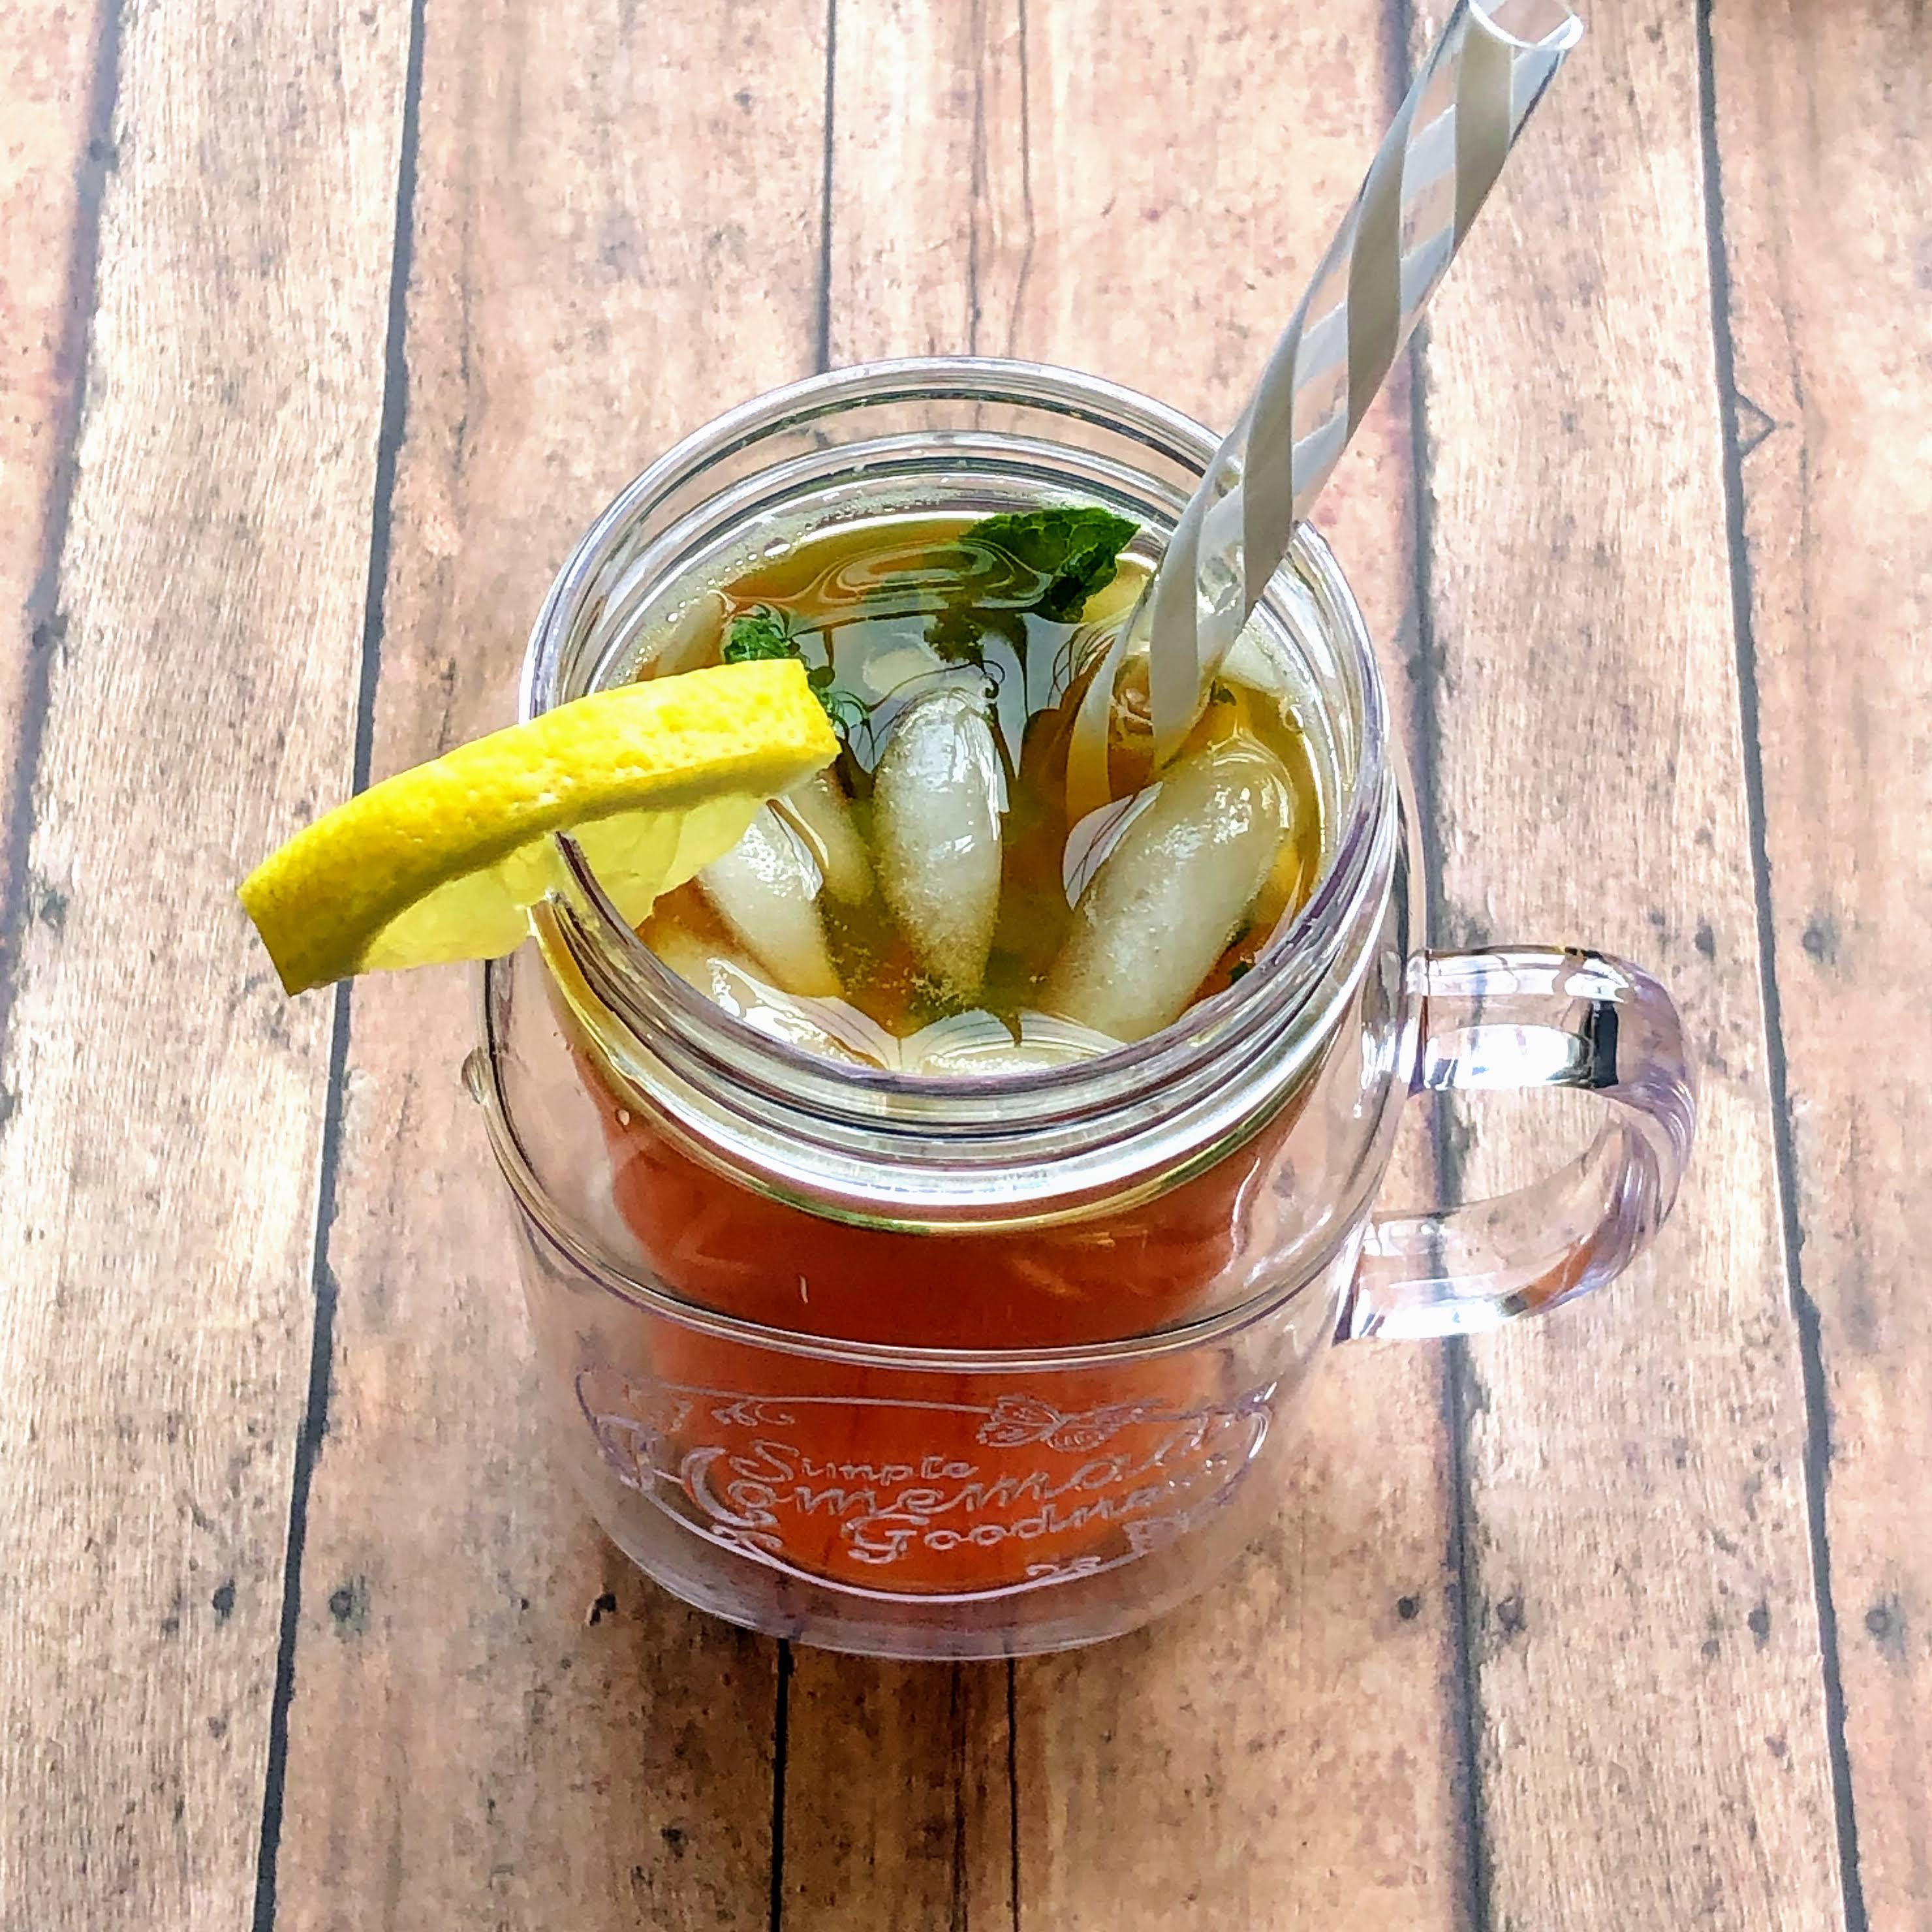 Lemonade-Mint Iced Tea